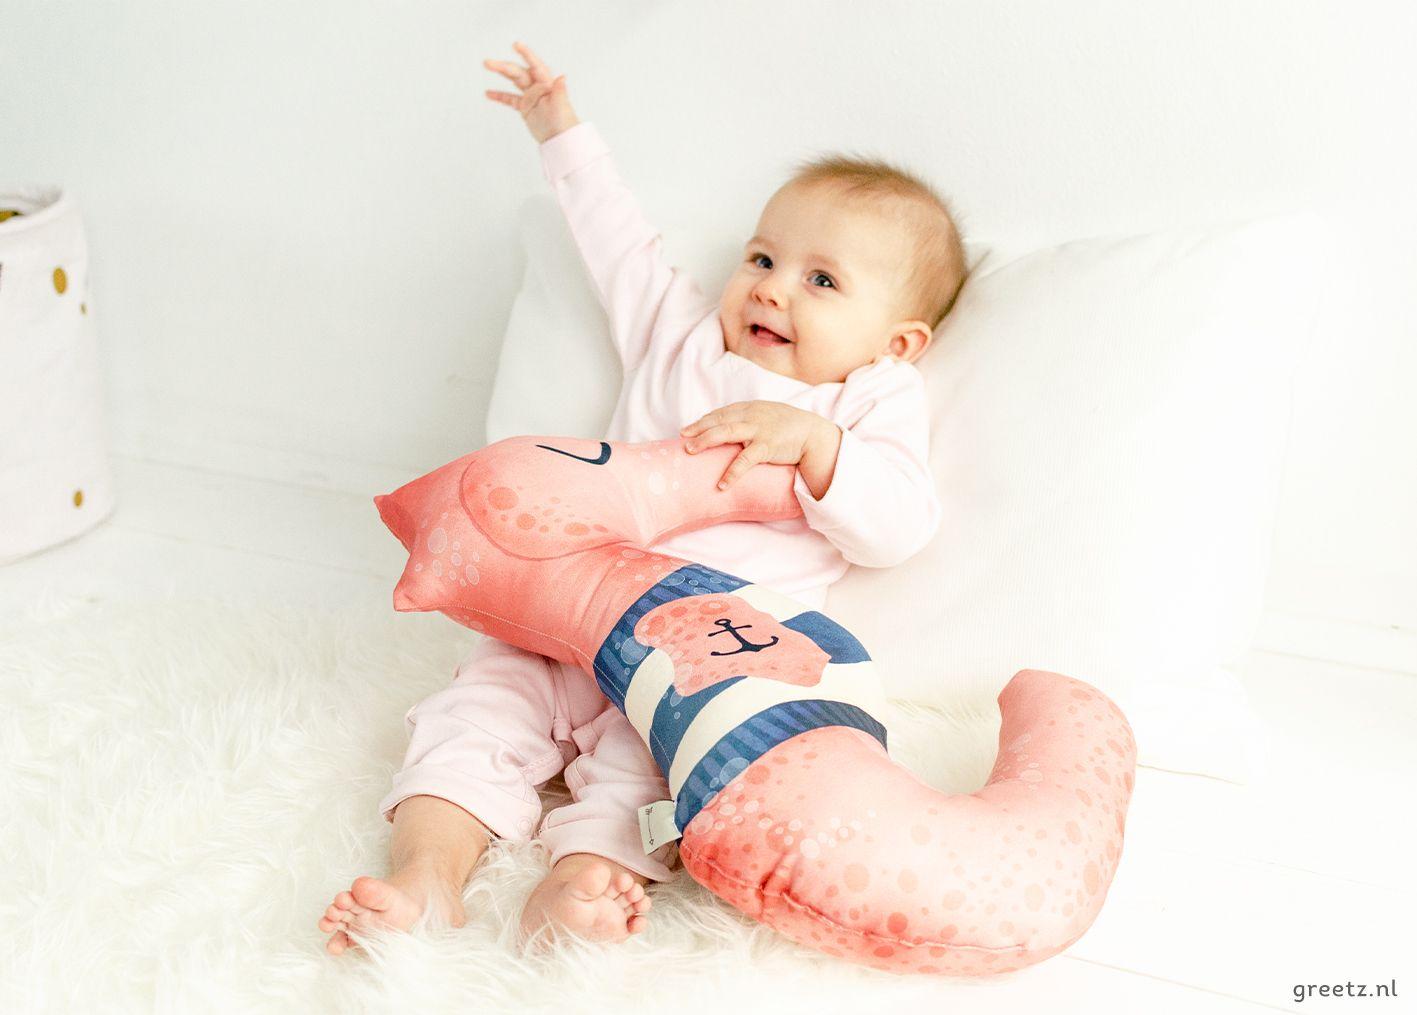 Kussen Voor Baby : Universeel kussen morfologisch kussen fresh allerlei slaap